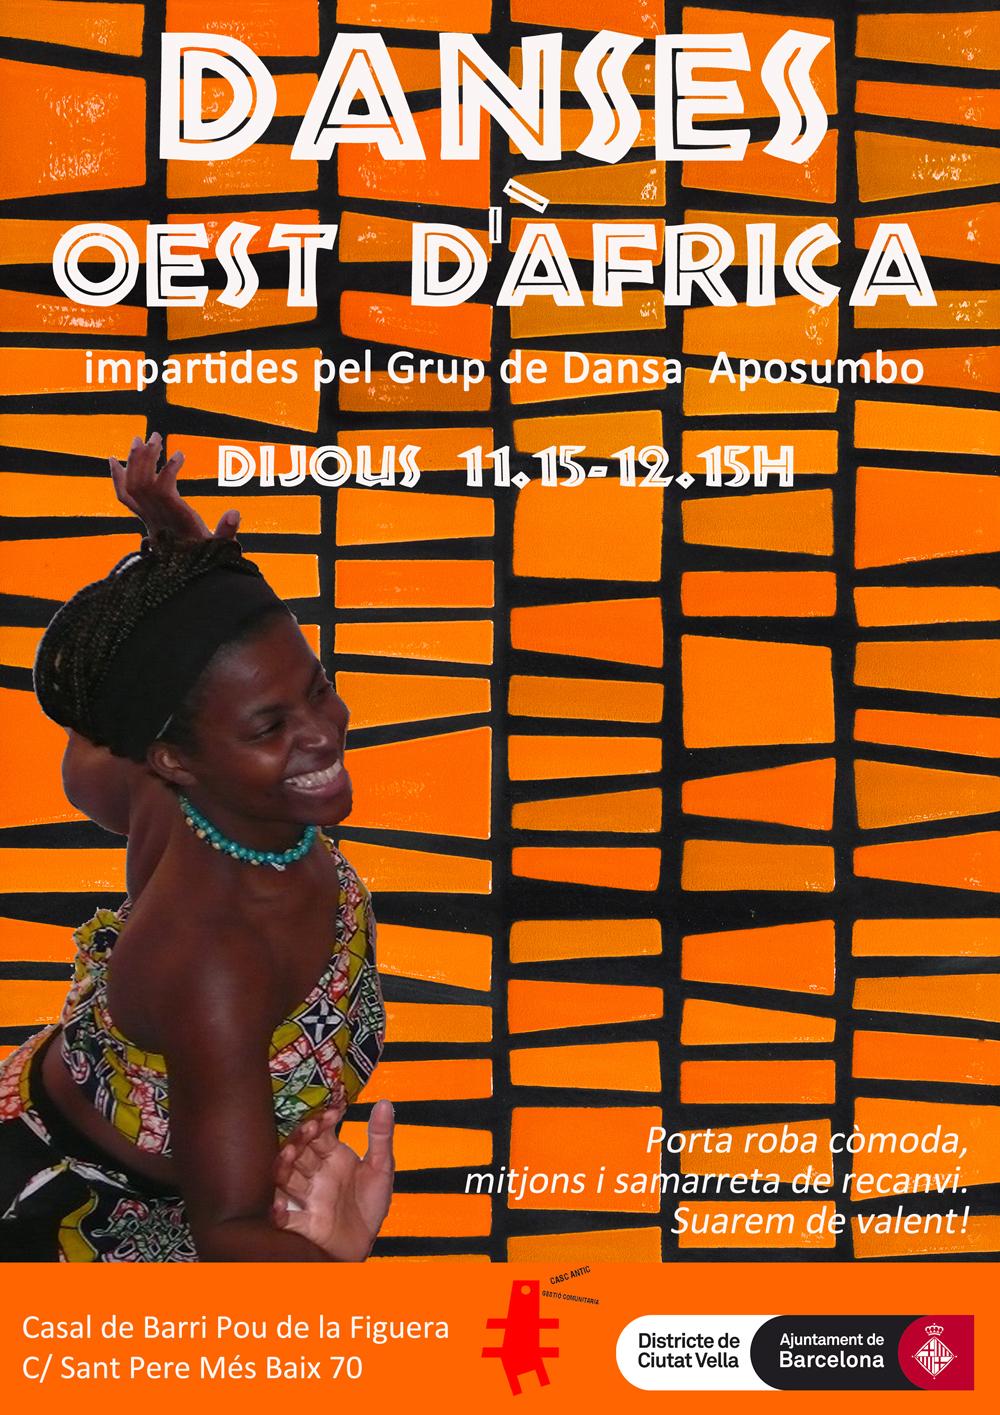 Danses de l'Oest d'Àfrica